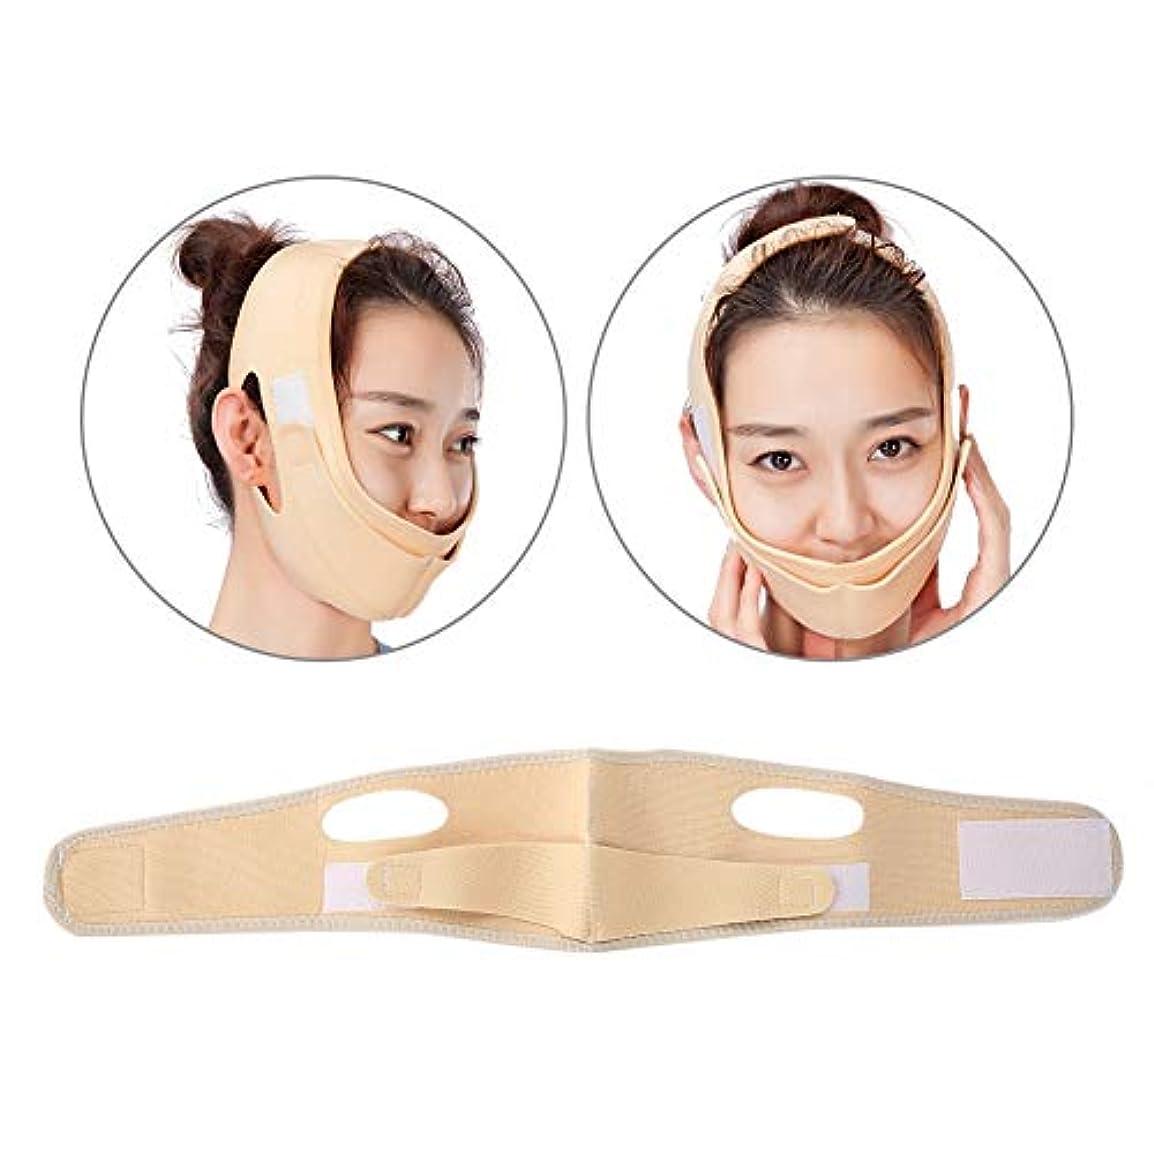 2タイプフェイスリフティングマスク、ナチュラルVチーク舐め締めベルト、アンチリンクル引き締めスキンマスク、フェイスリフティング減量アンチダブルフェイシャル包帯(1#)